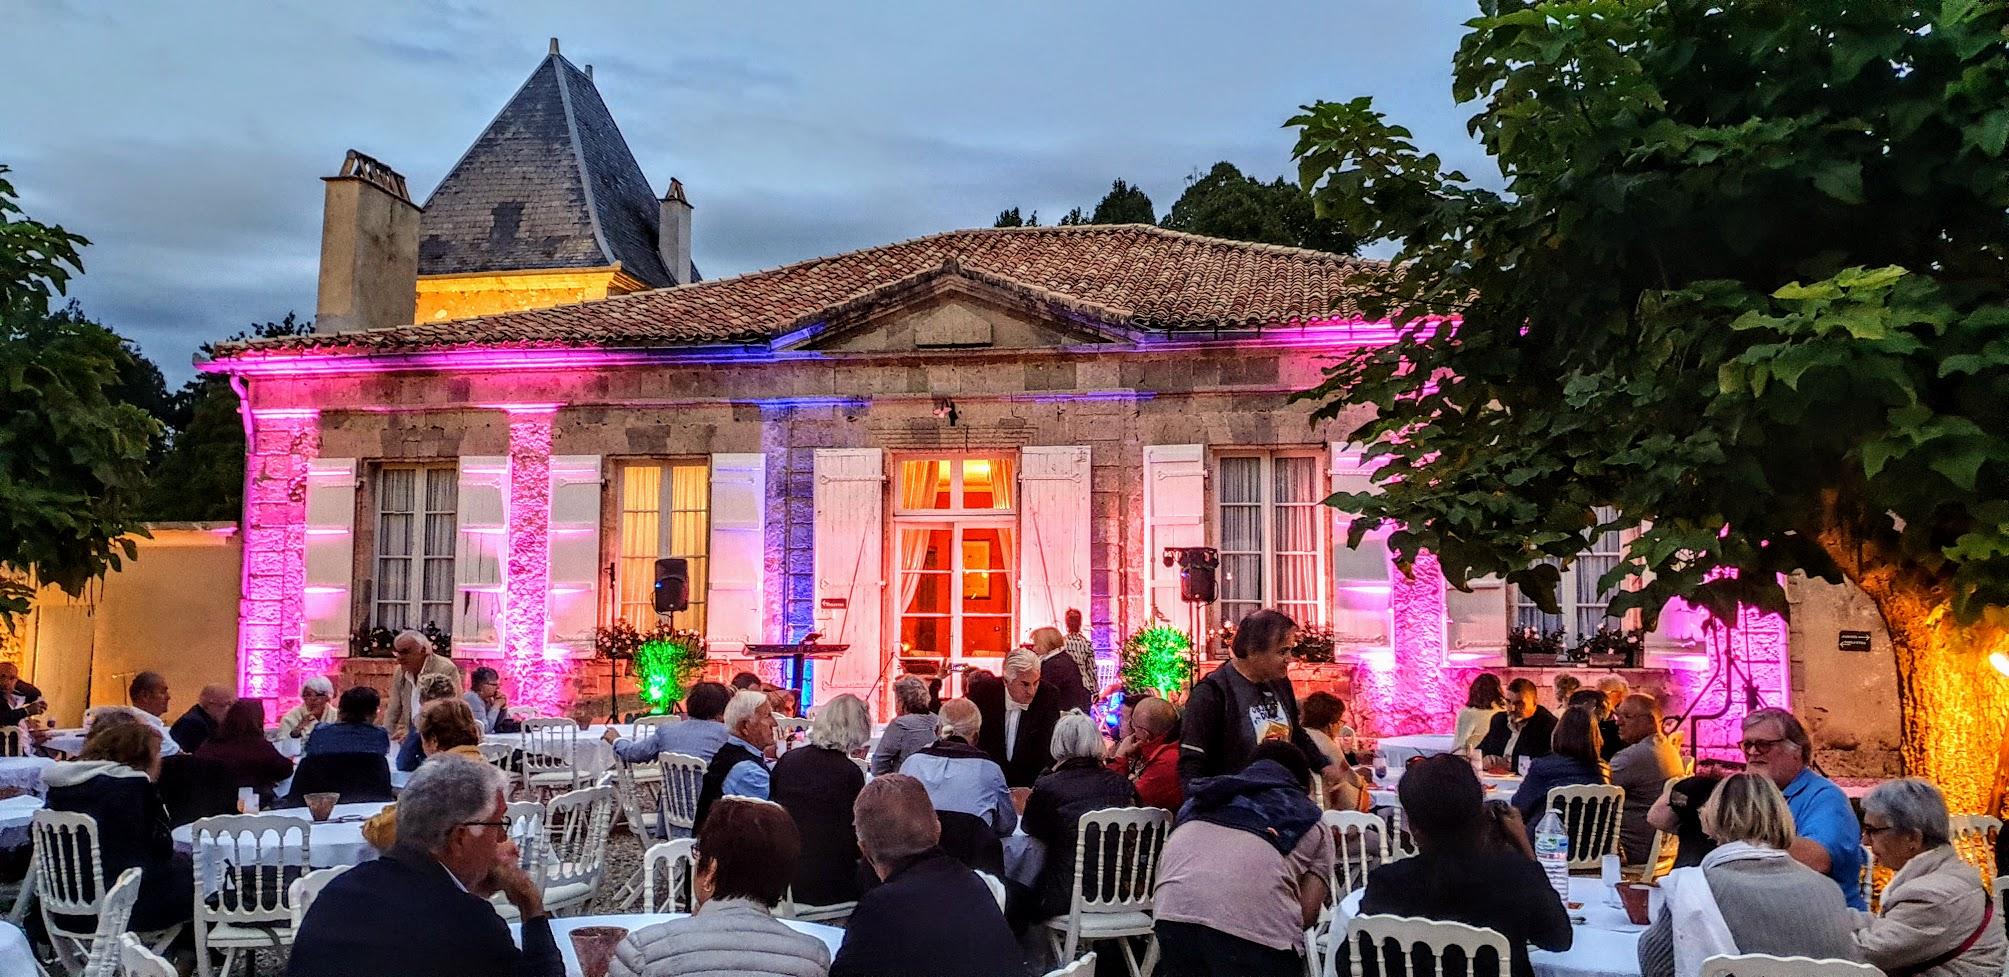 Soirée-spectacle Christian Moulié au Château de La Hitte